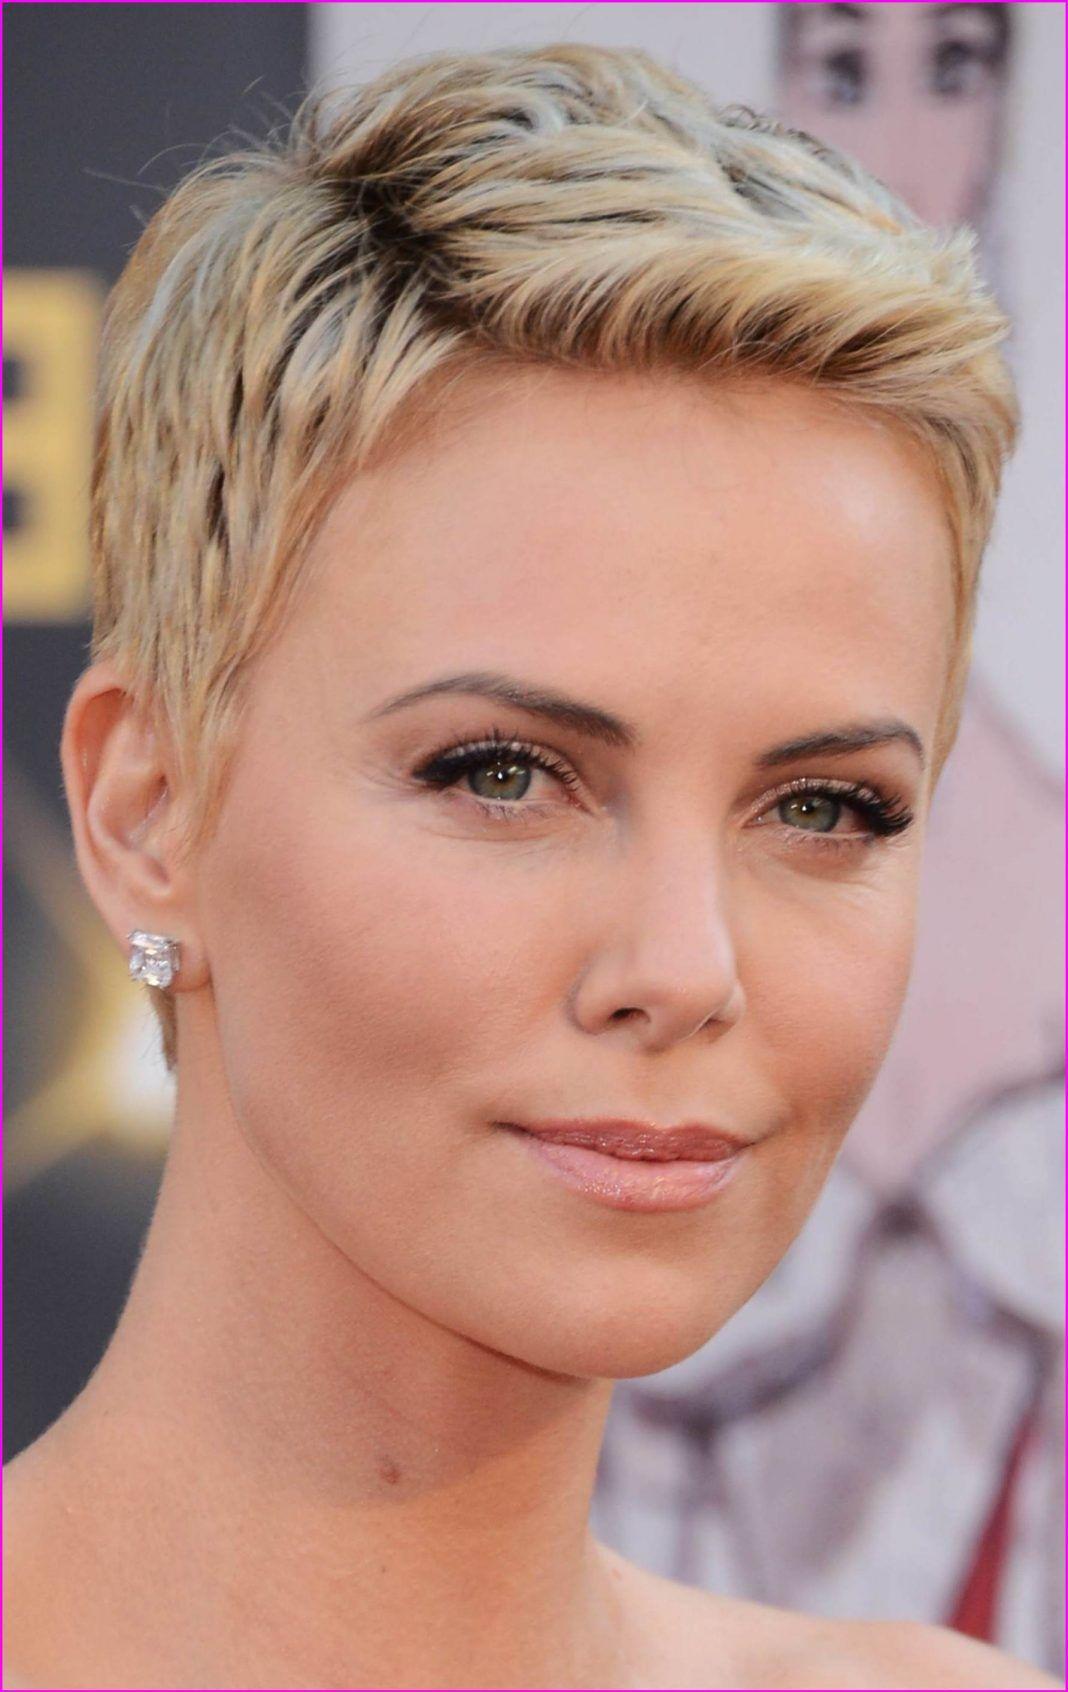 Best Short Haircuts For Women 2019 Super Short Hair Very Short Hair Celebrity Short Haircuts